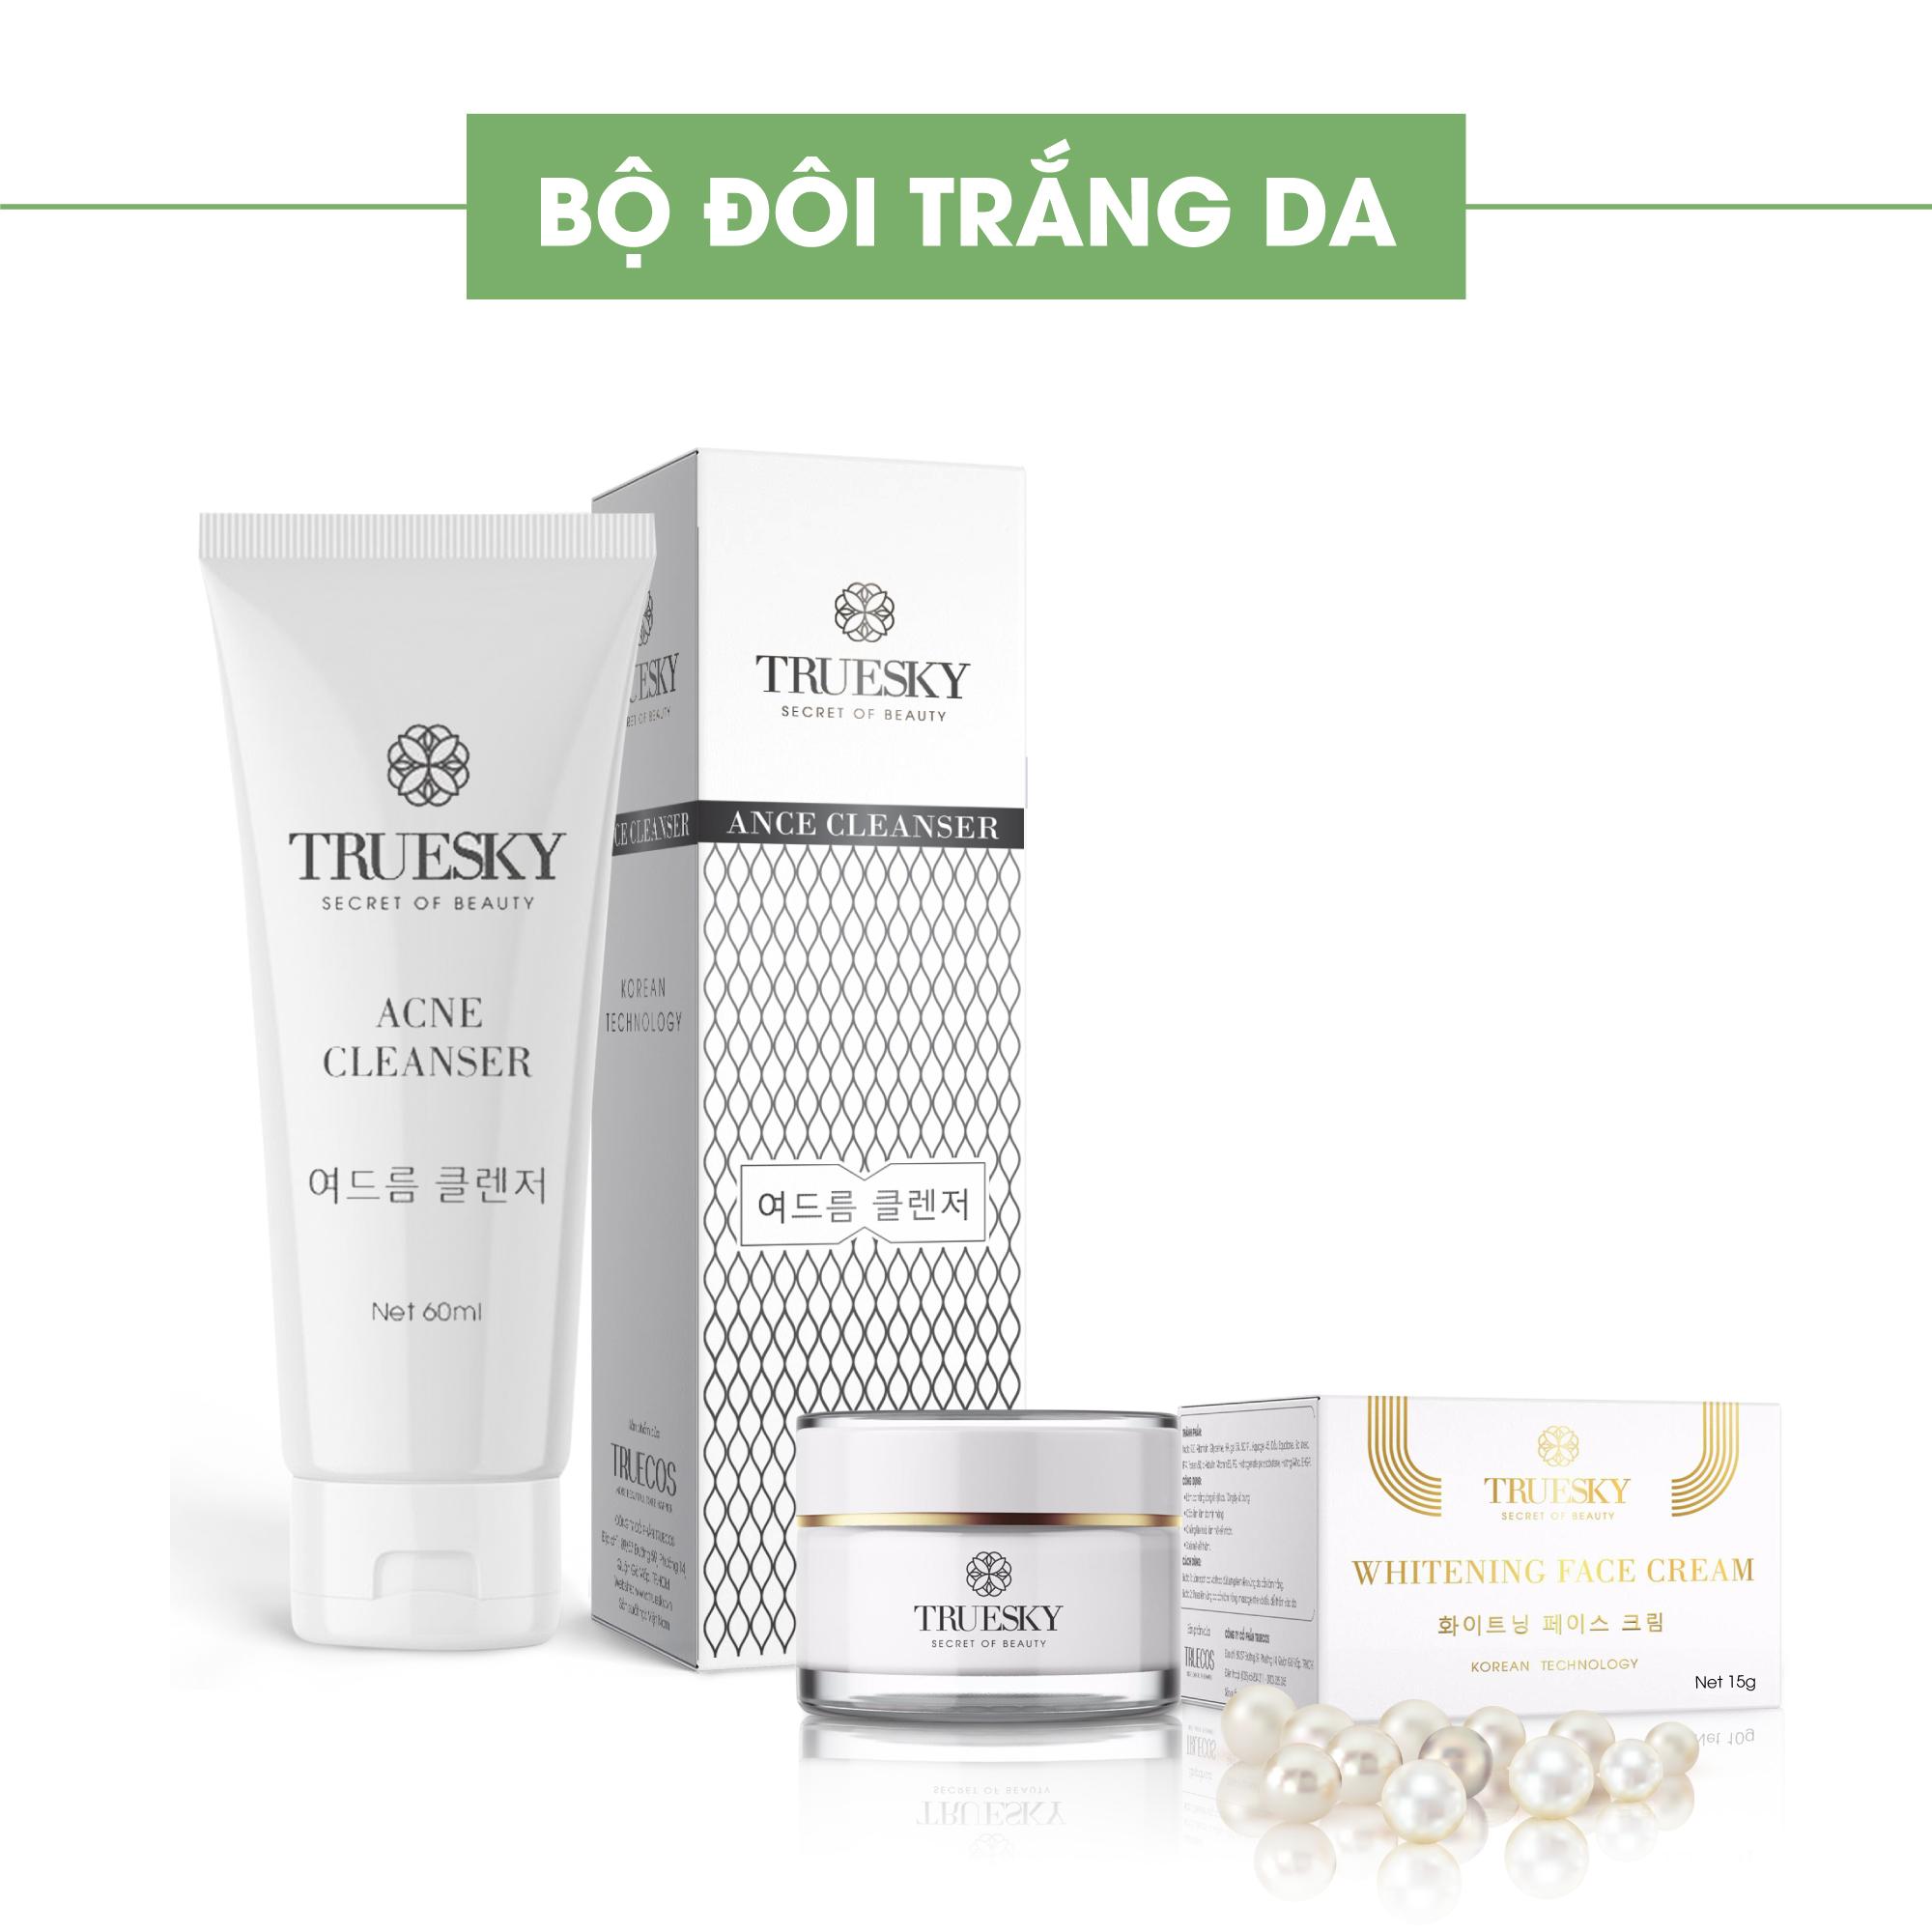 Bộ sản phẩm giảm mụn và dưỡng trắng da mặt Truesky gồm 1 sữa rửa mặt than hoạt tính 60ml & 1 kem dưỡng trắng da mặt 10g